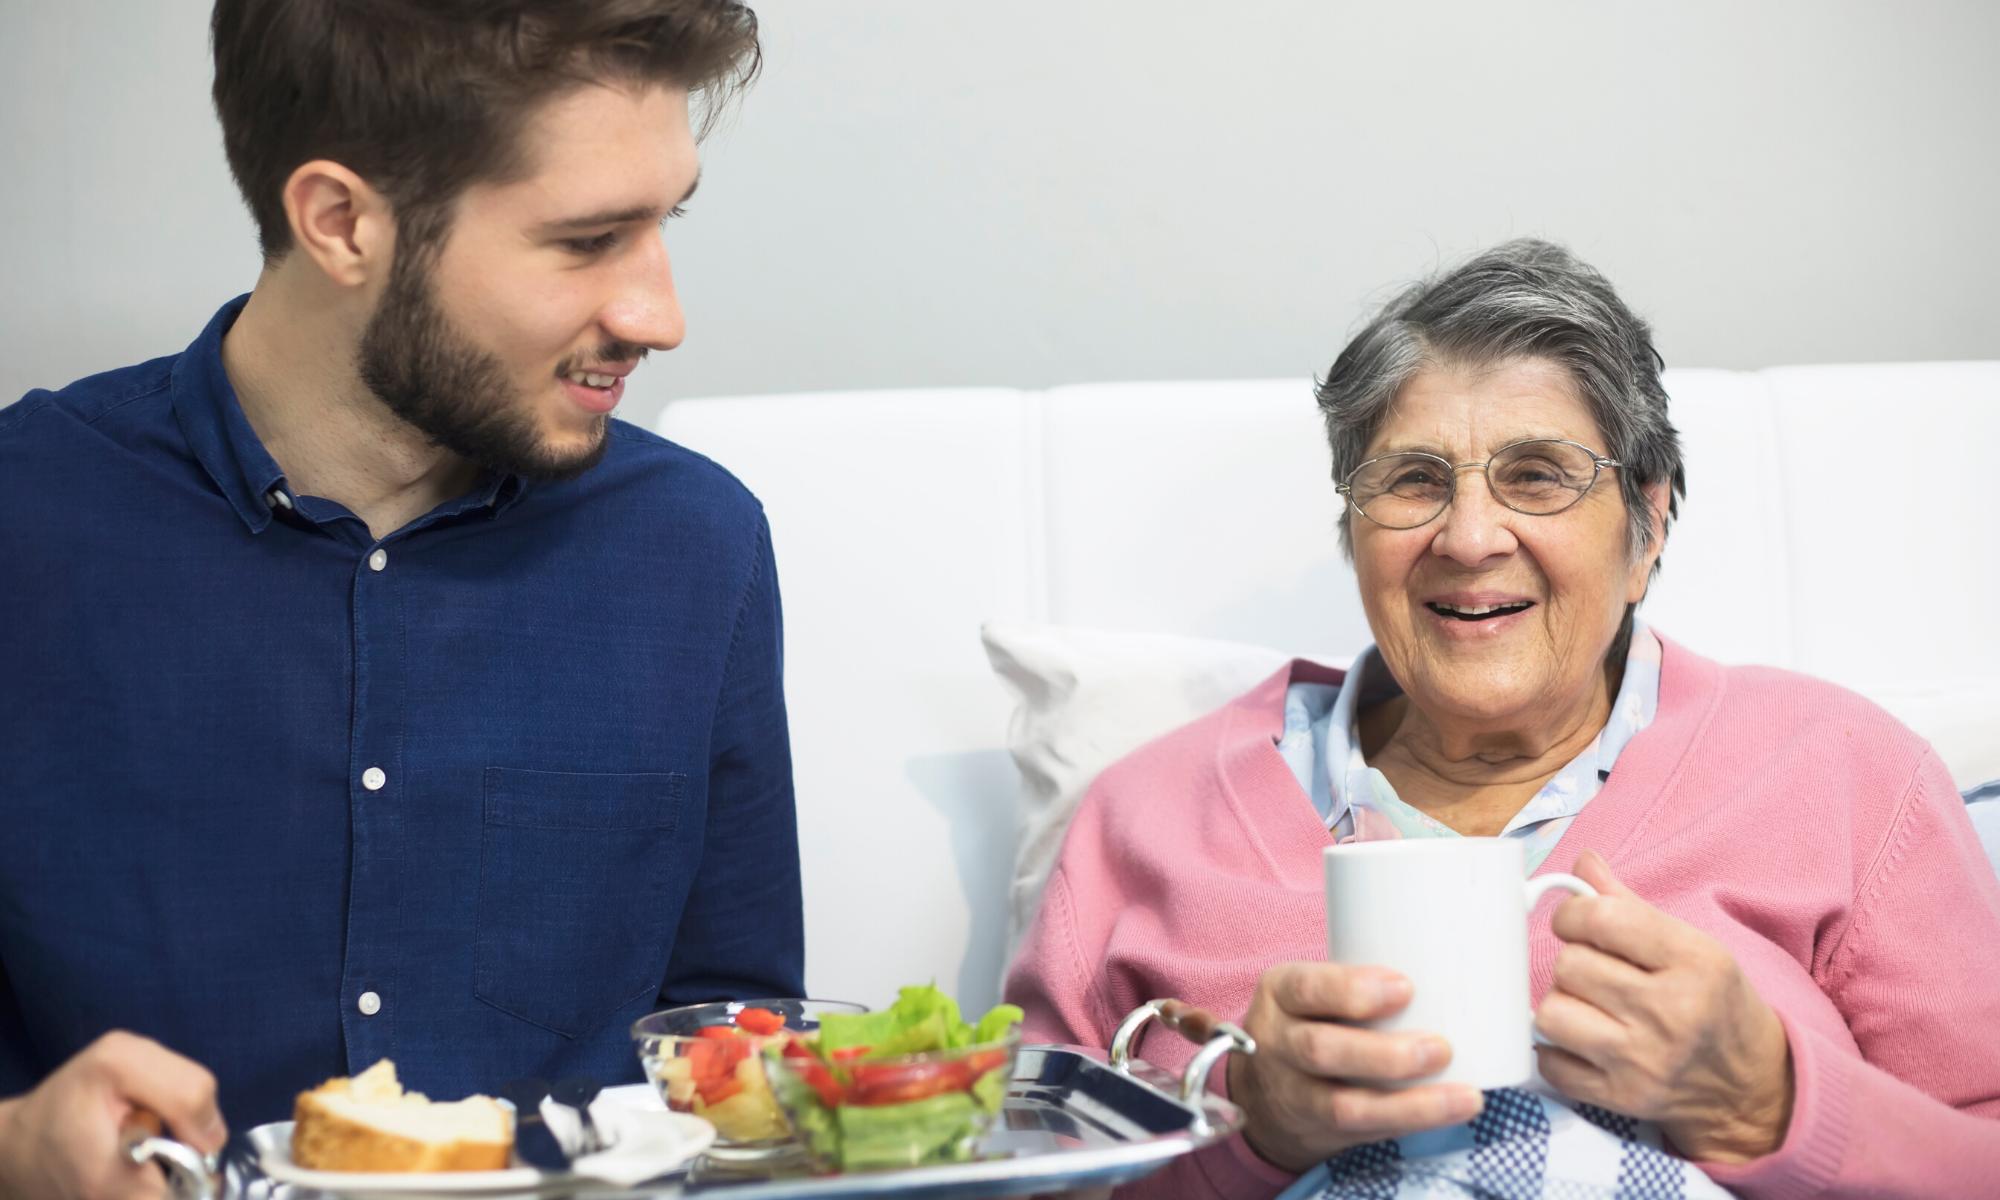 volunteer brings food to smiling older woman in bed